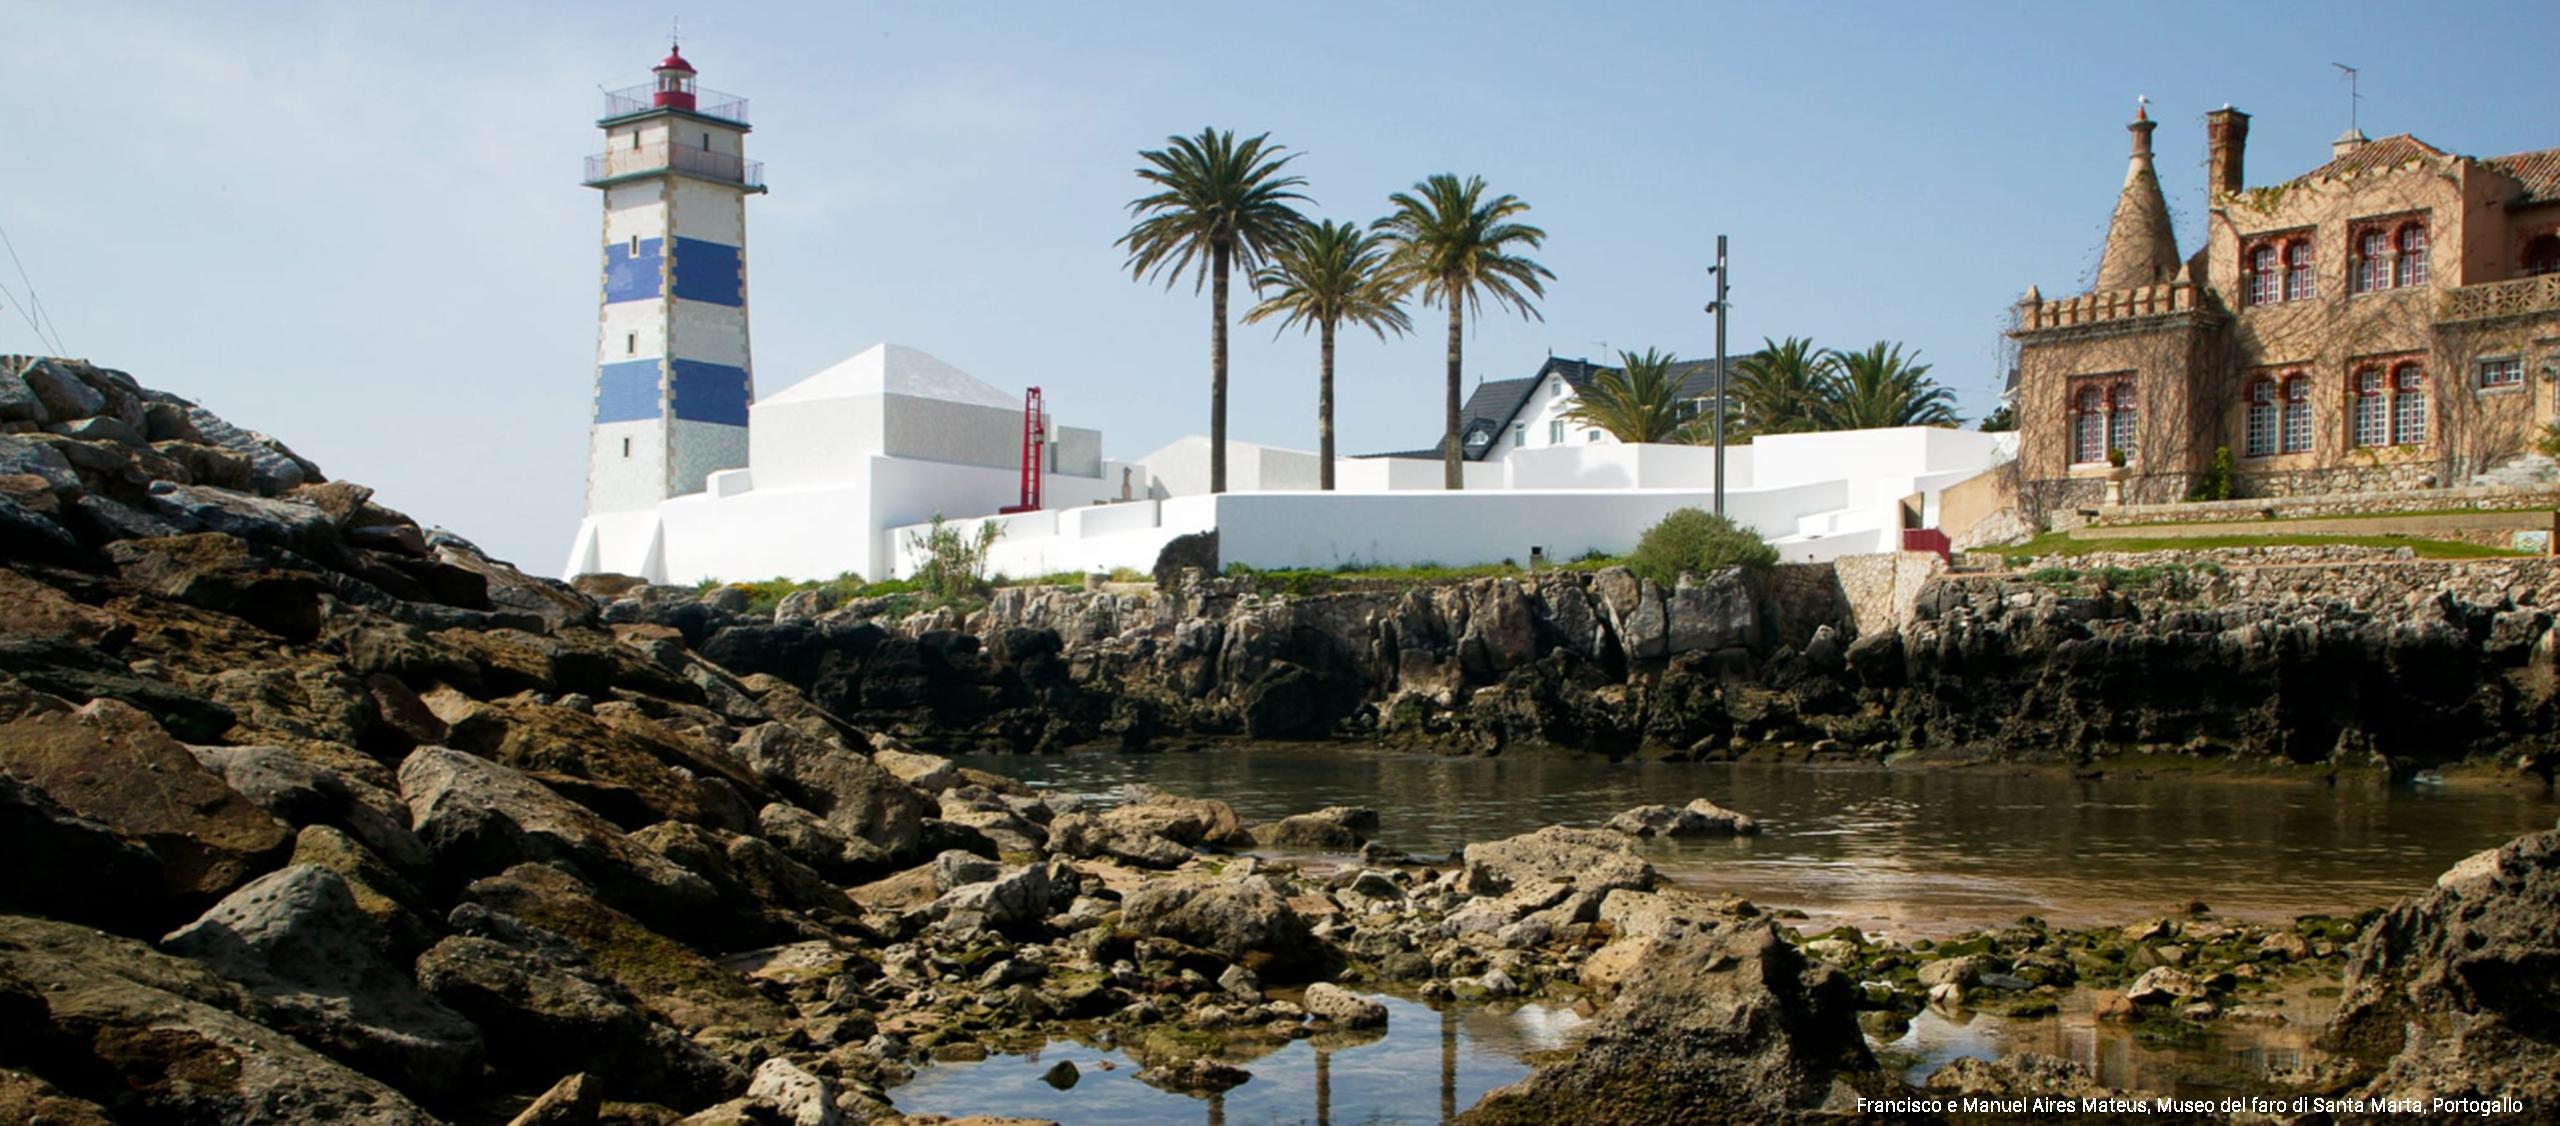 Museo del faro di Santa Marta